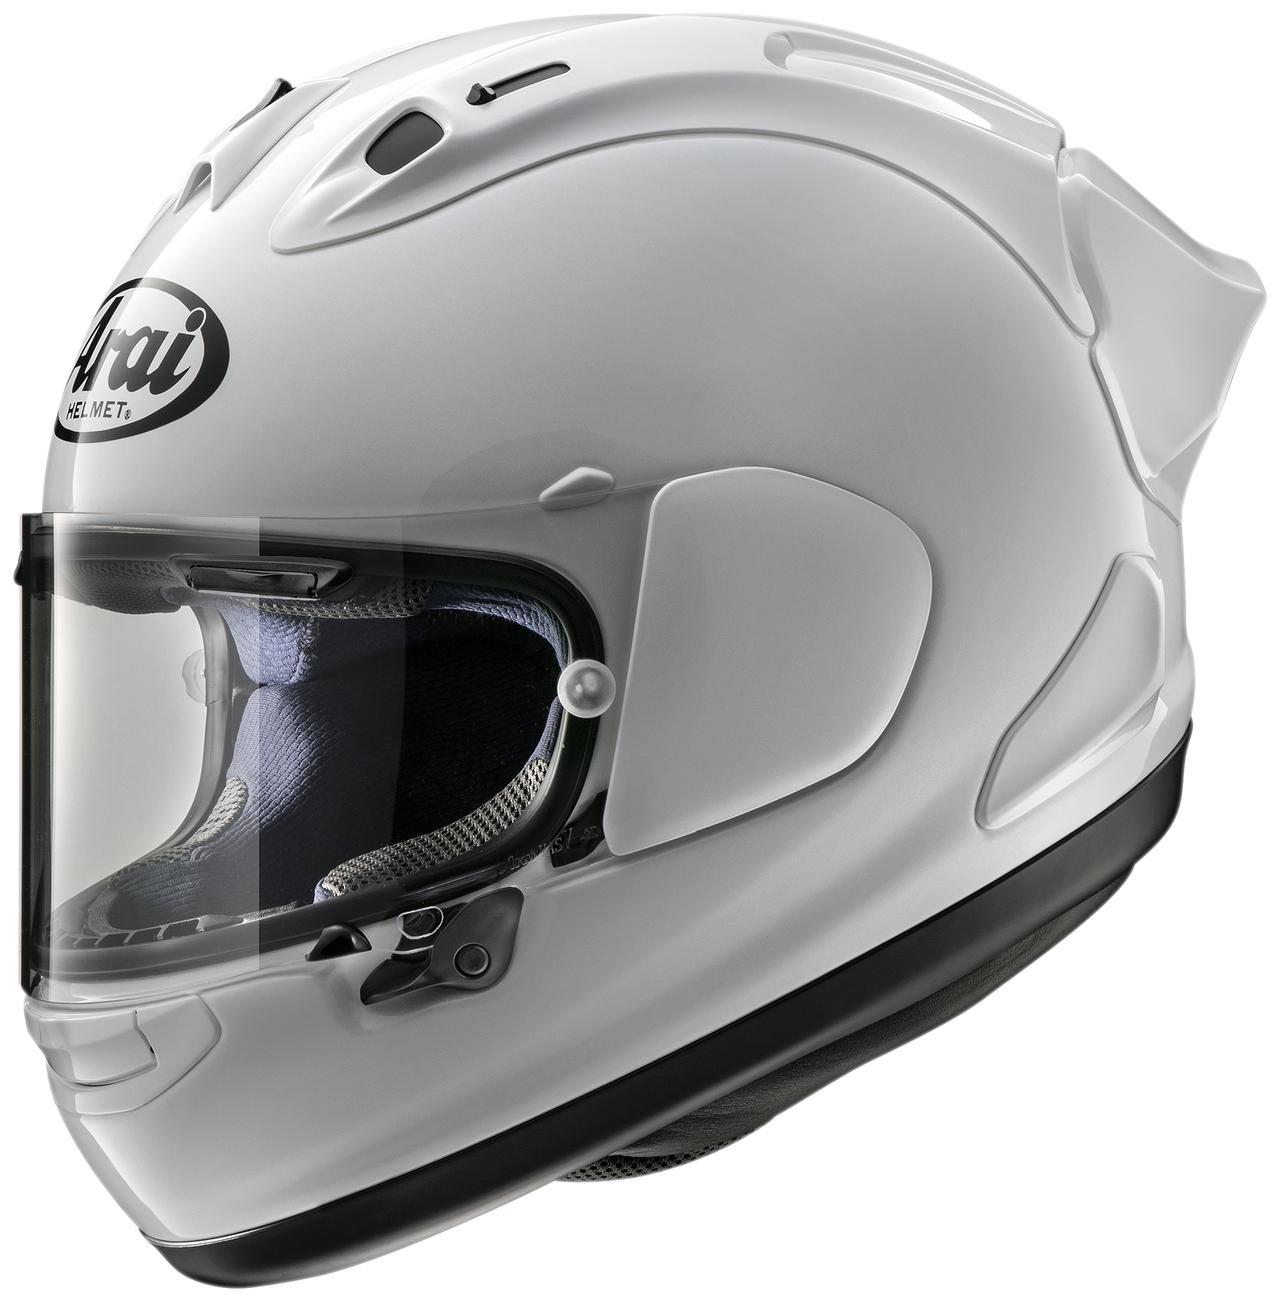 画像3: アライヘルメットが「RX-7X FIM Racing #1」を発表!! エアロデバイスを装備しながら「RX-7X」より軽い、新たなレーシングフルフェイスが誕生